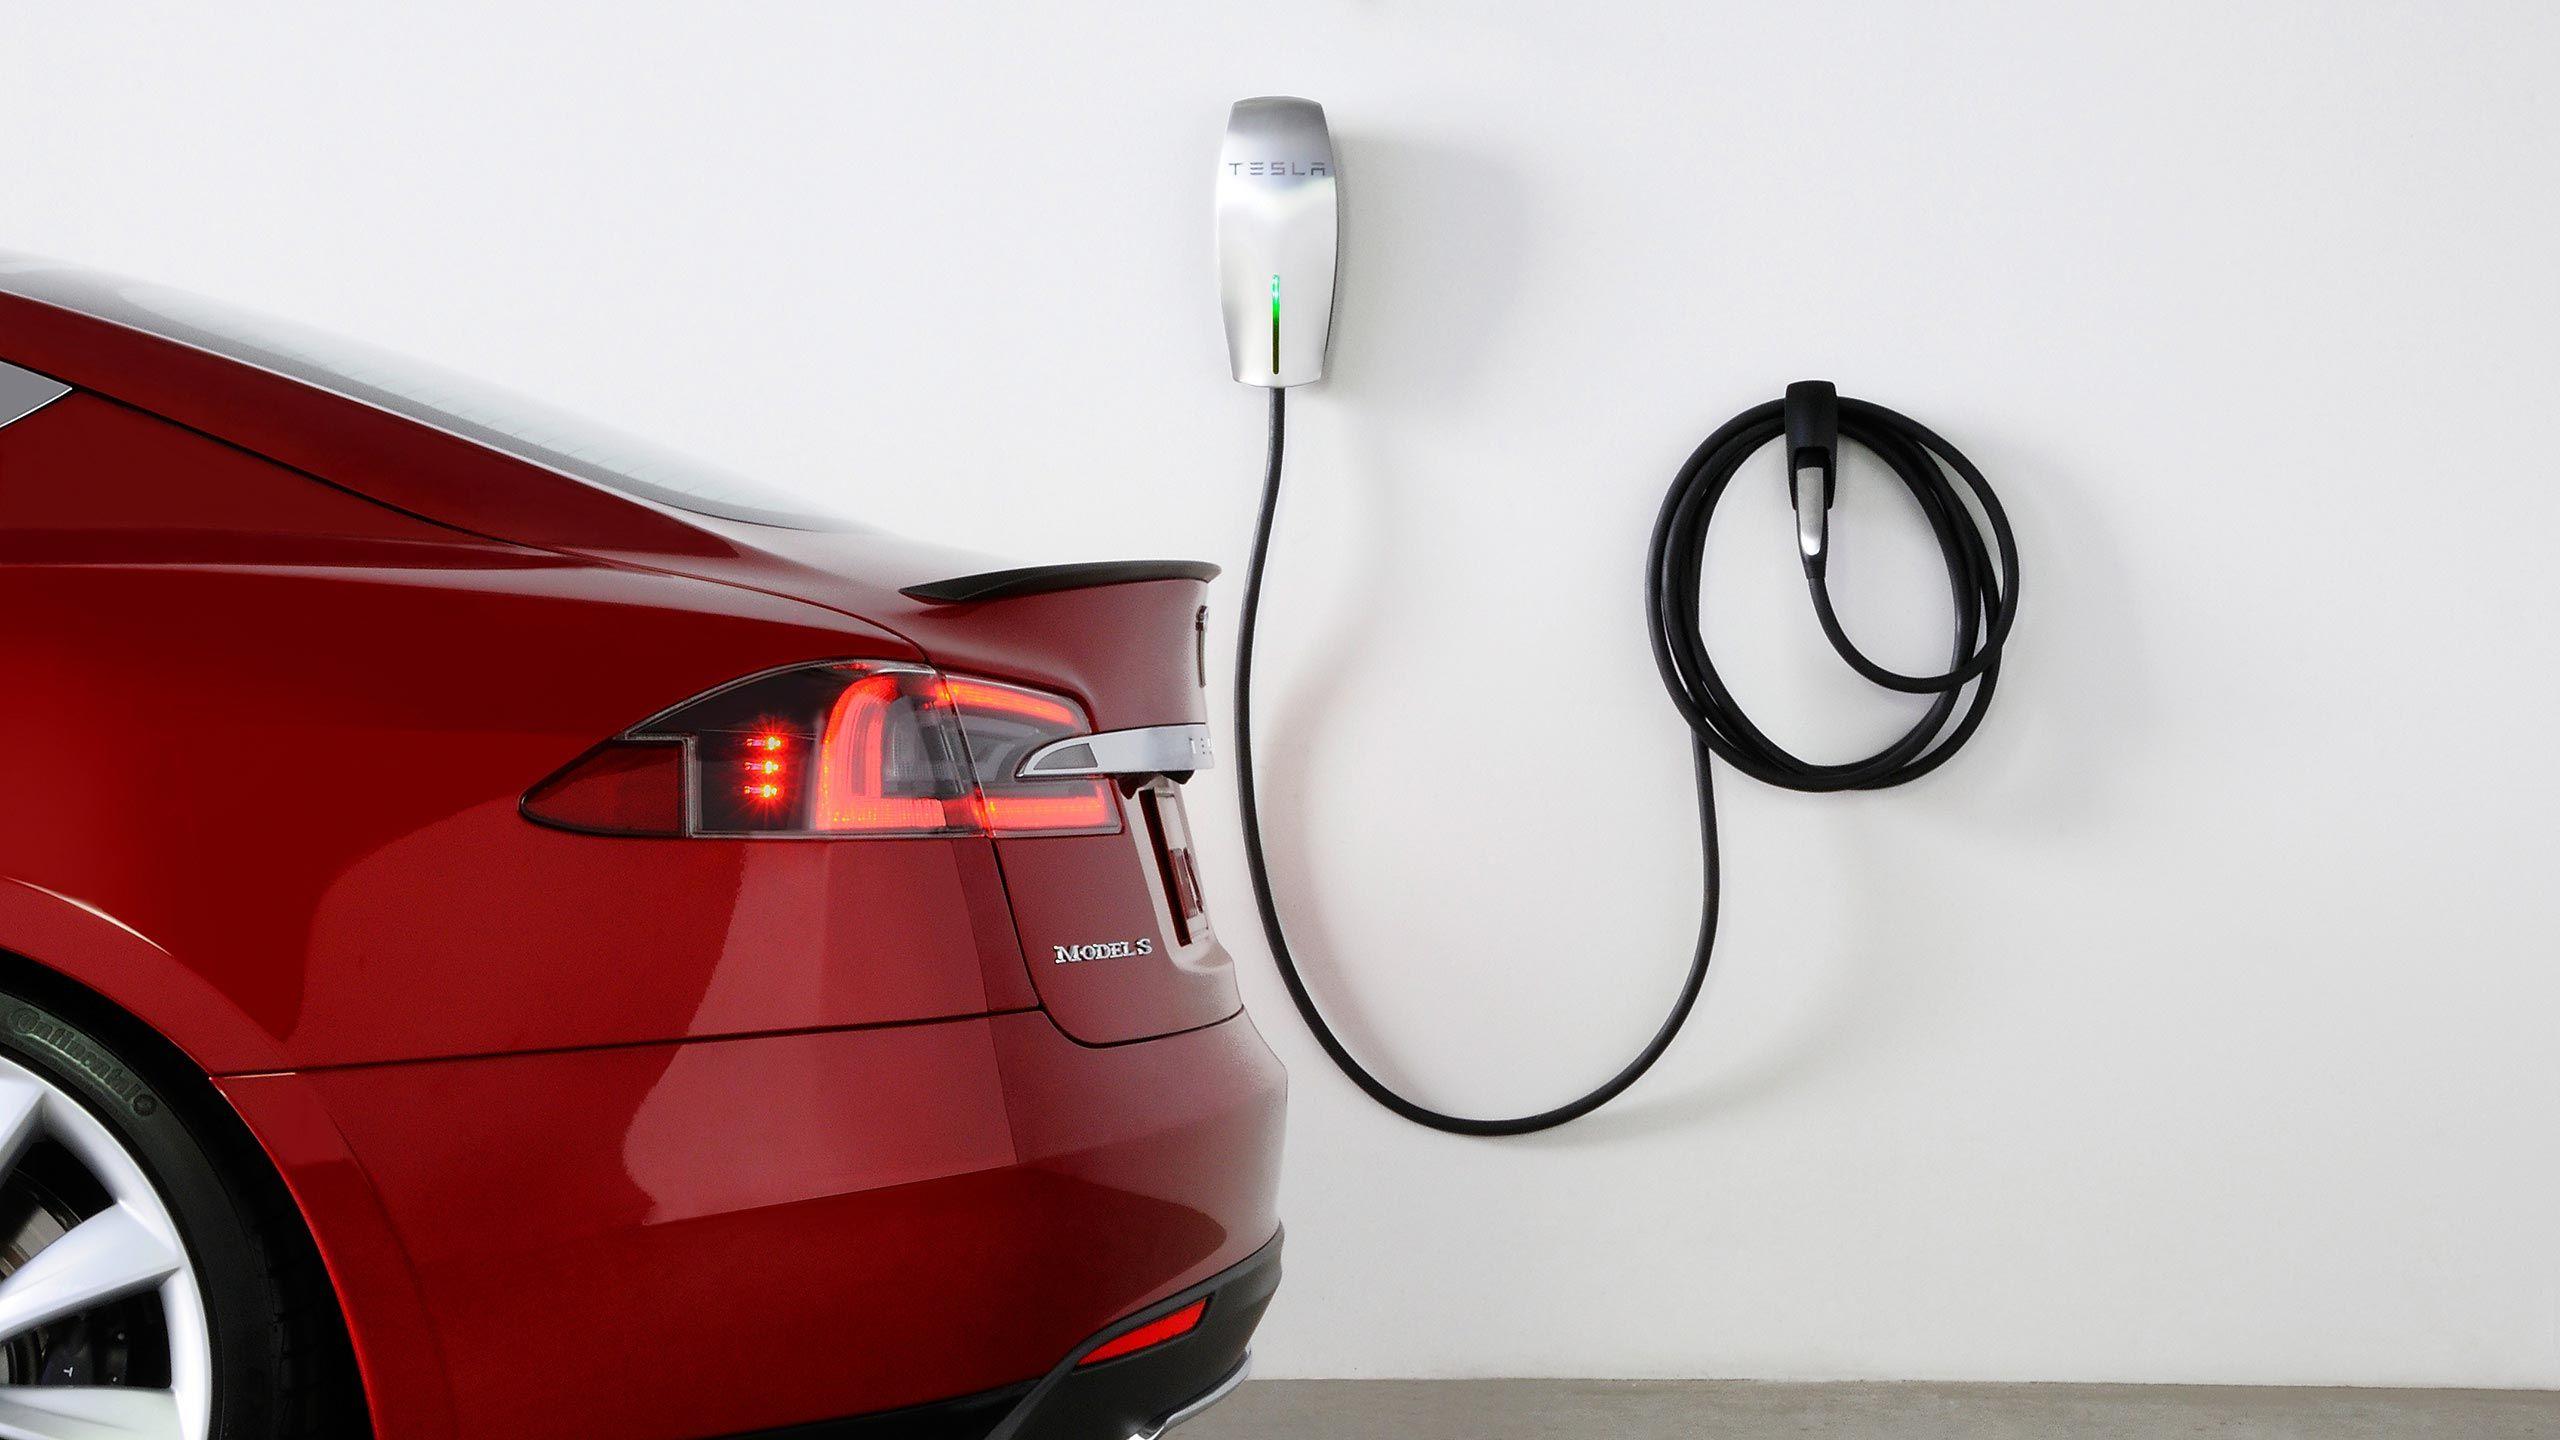 Tesla Design Studio Image Electric vehicle charging